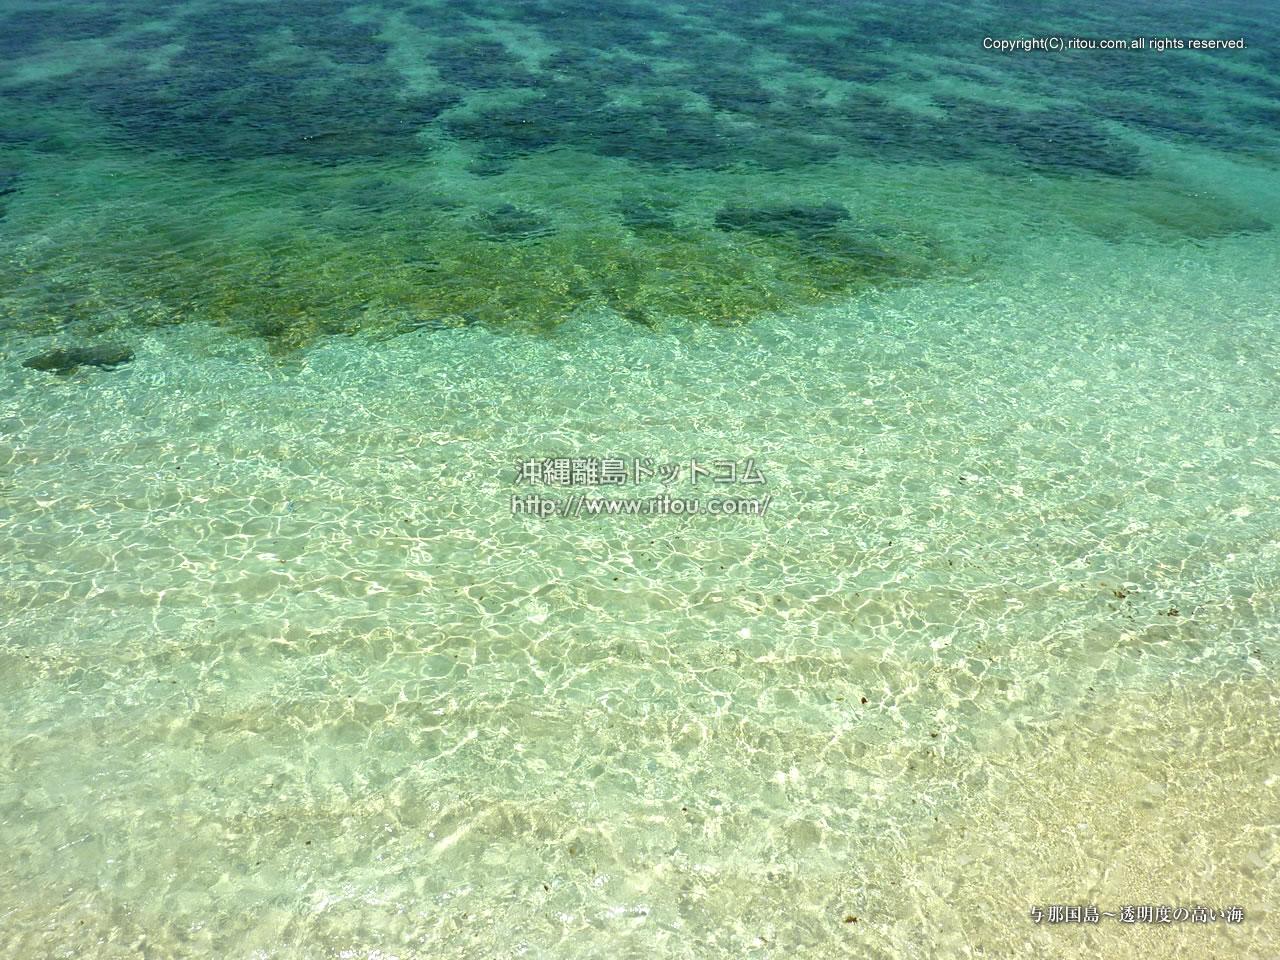 与那国島〜透明度の高い海